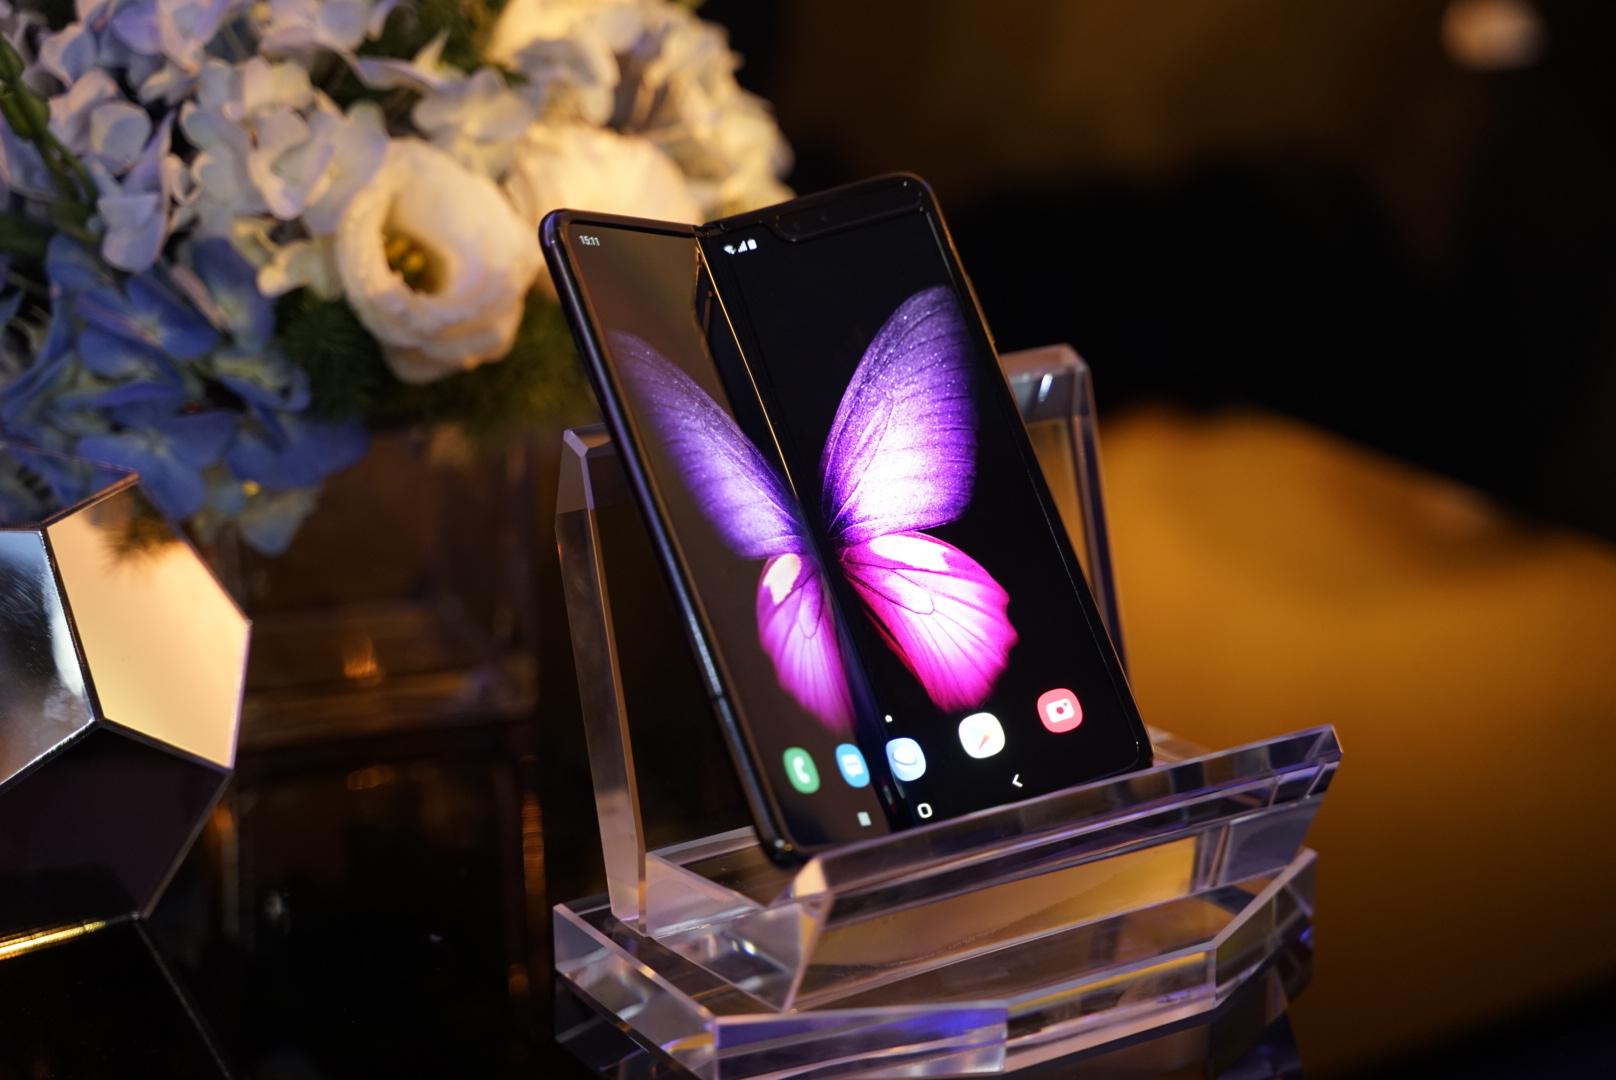 Tin tức công nghệ mới nóng nhất hôm nay 28/11: Samsung Galaxy Fold ra mắt tại Việt Nam, giá 50 triệu đồng  - Ảnh 1